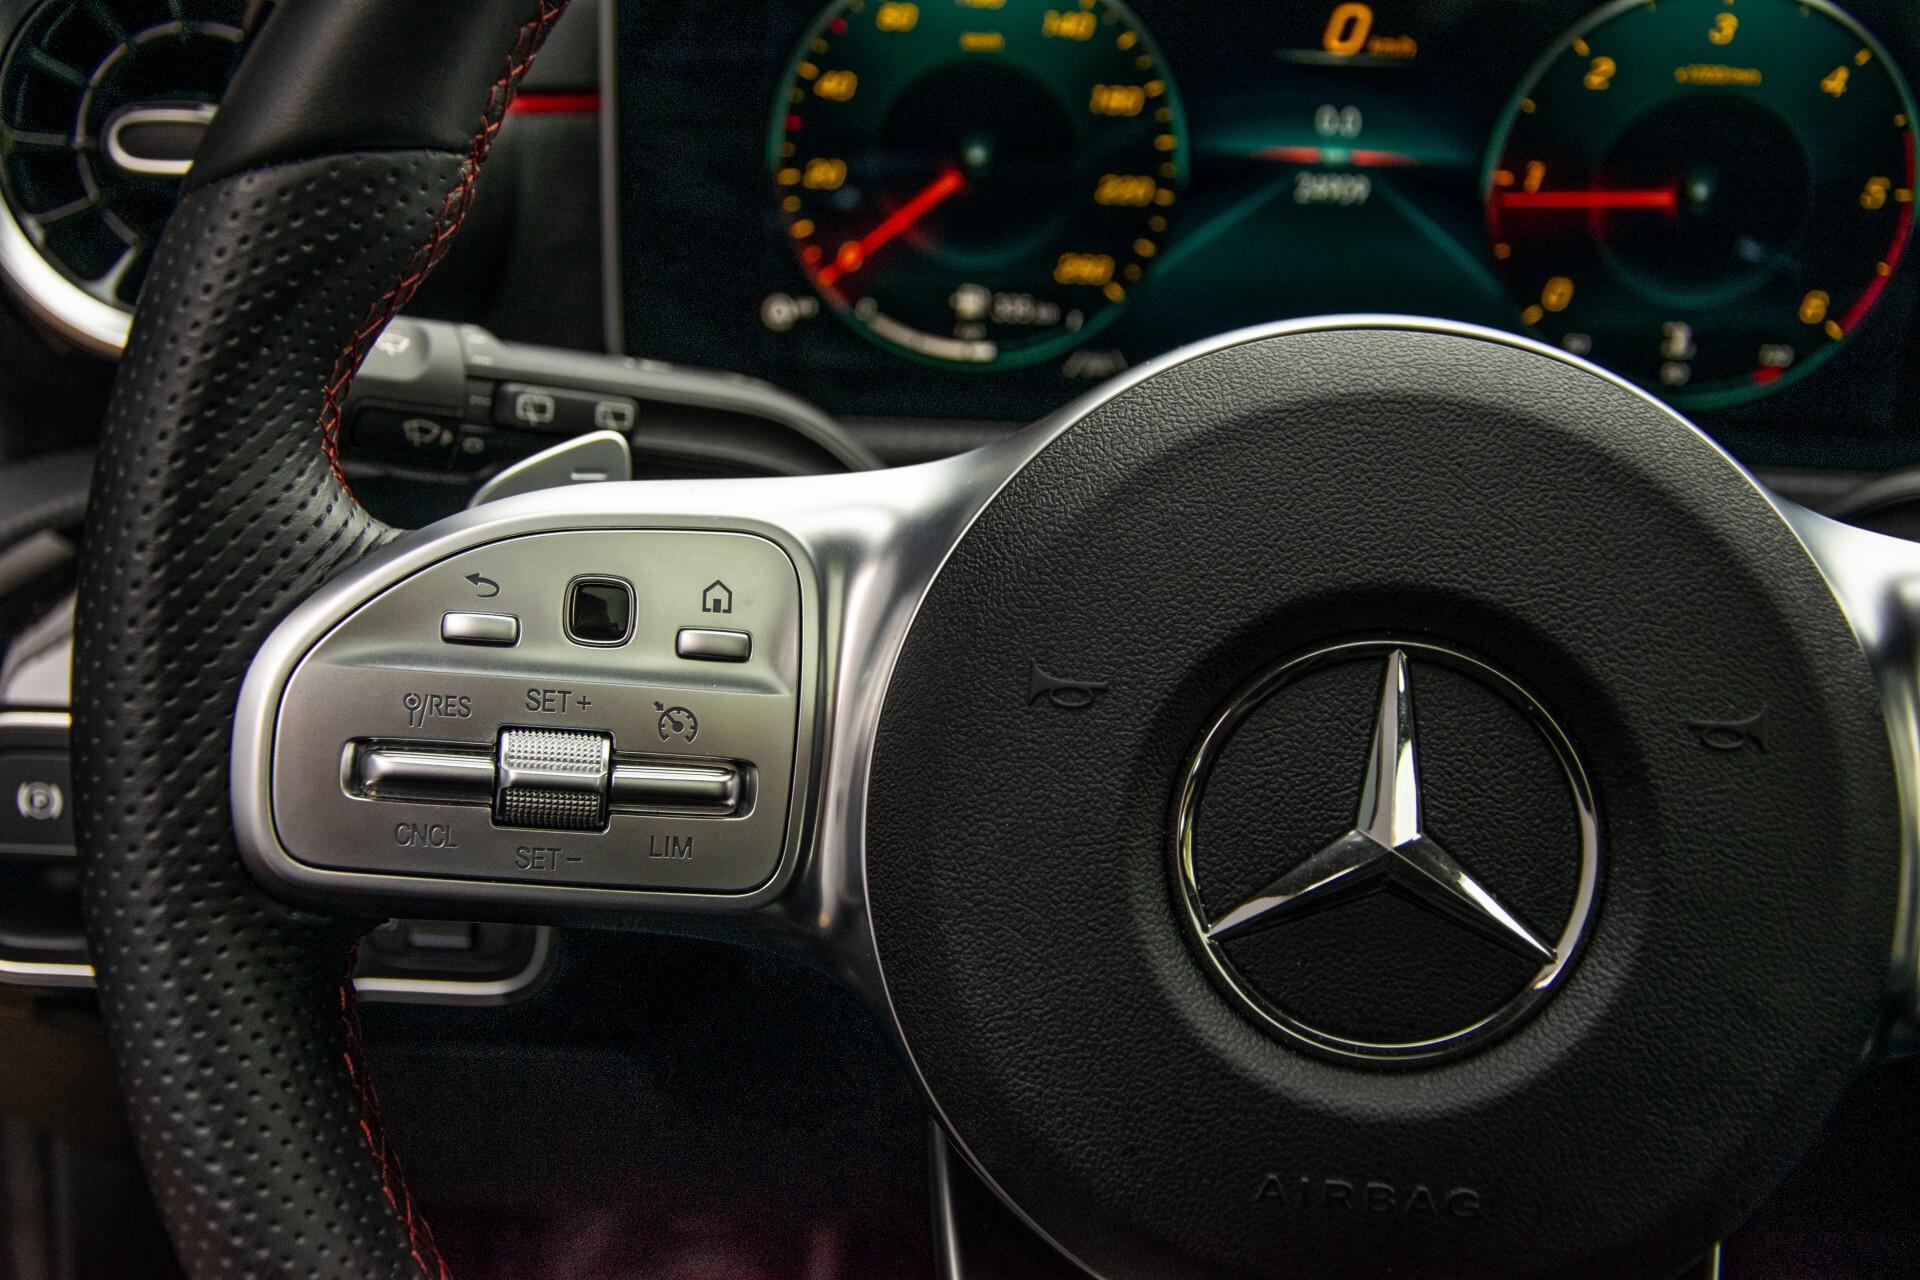 Mercedes-Benz A-Klasse 180 d AMG Panorama/MBUX/DAB/LED Aut7 Foto 9